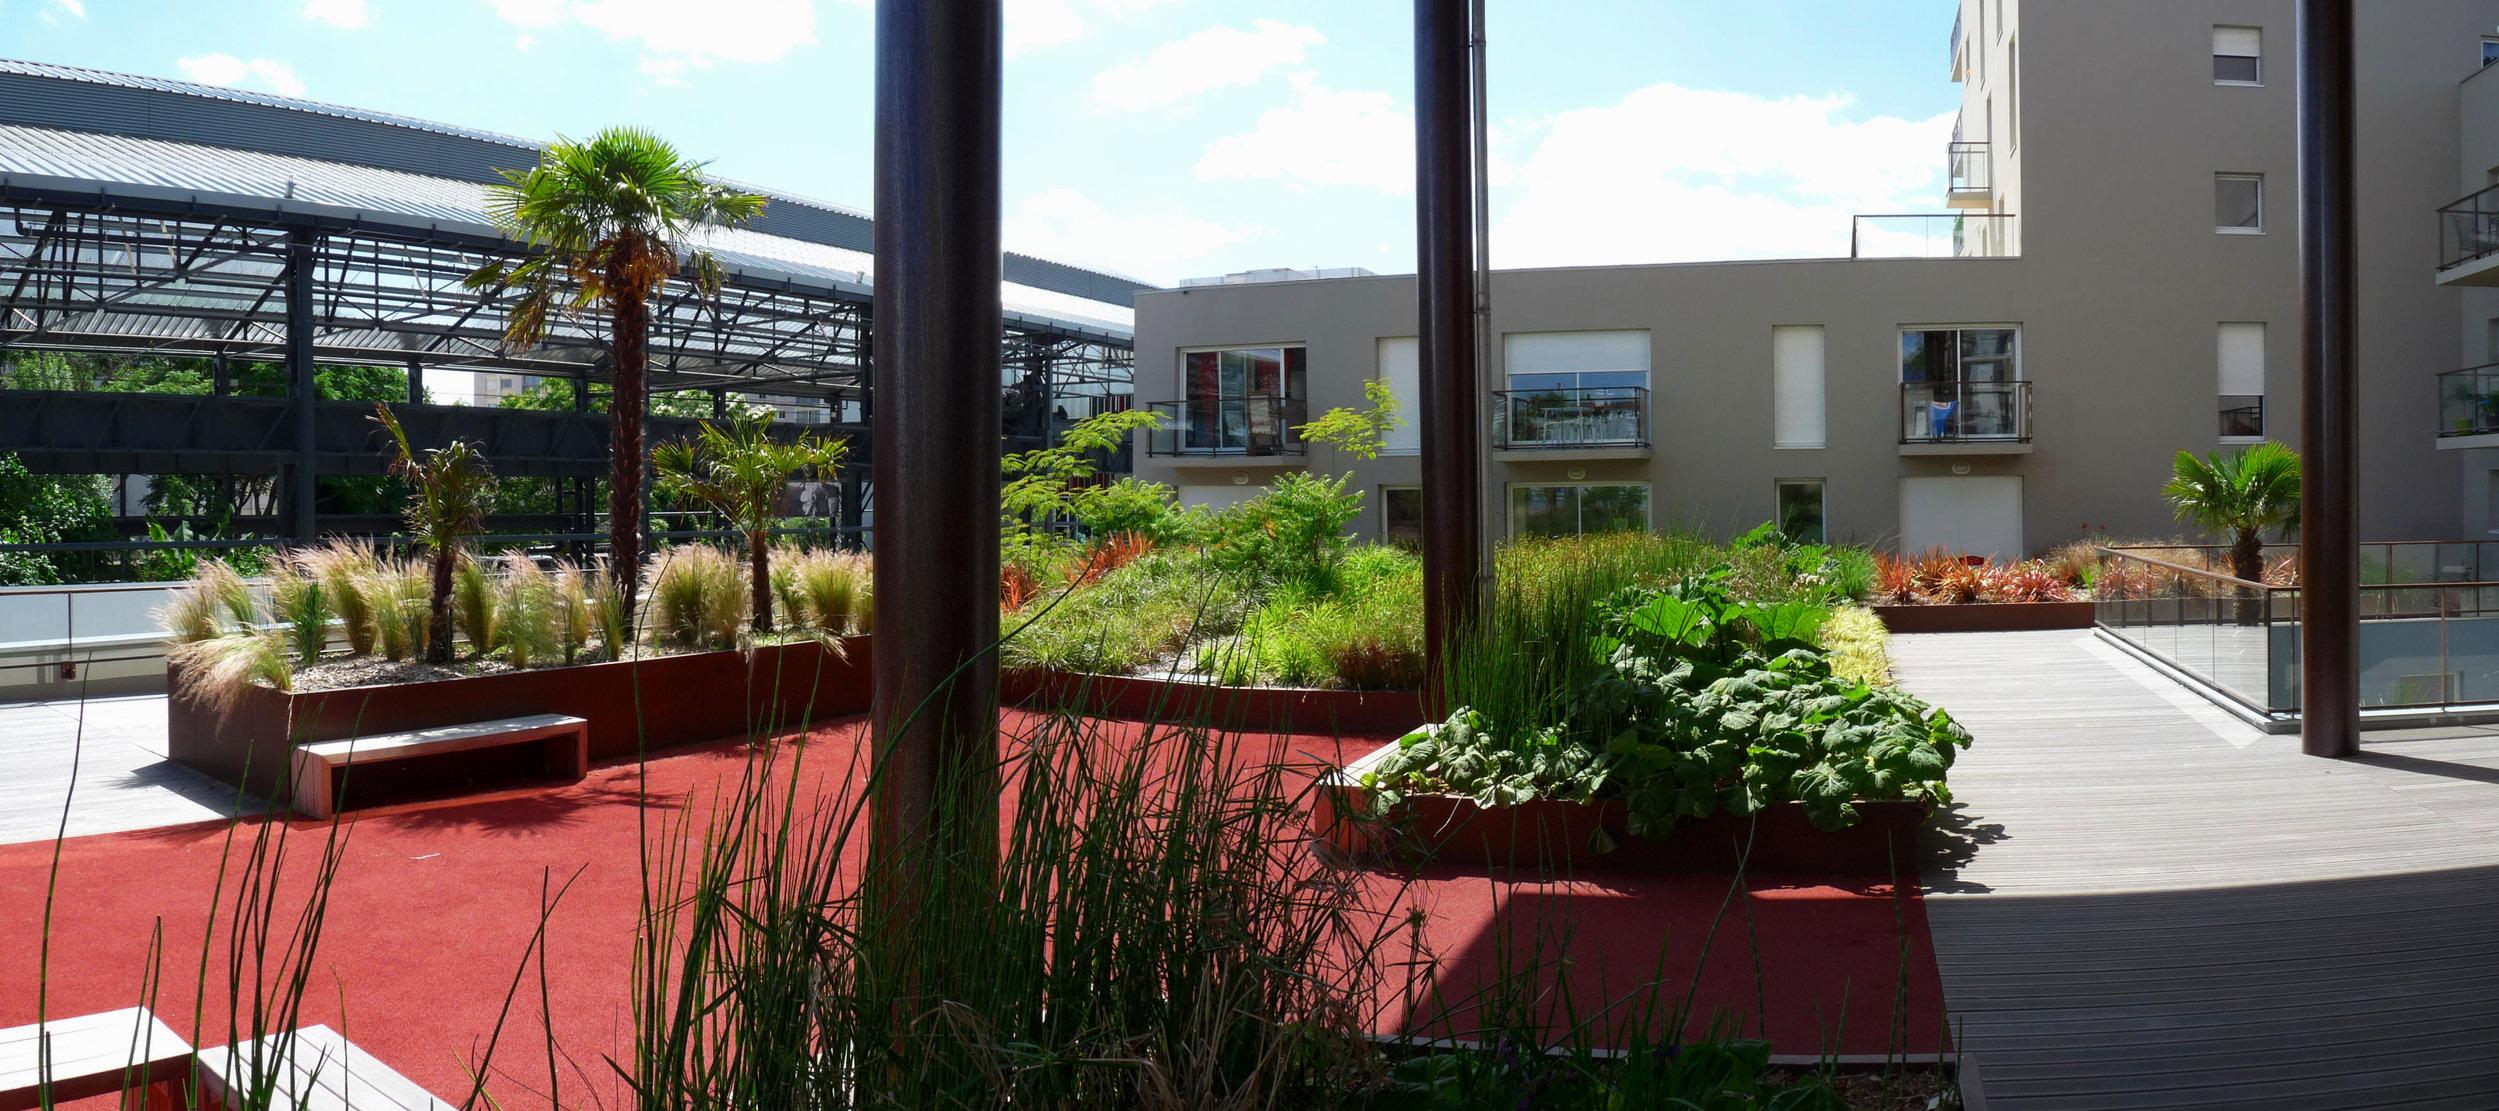 Un jardin sur les toits cadrée par la végétation